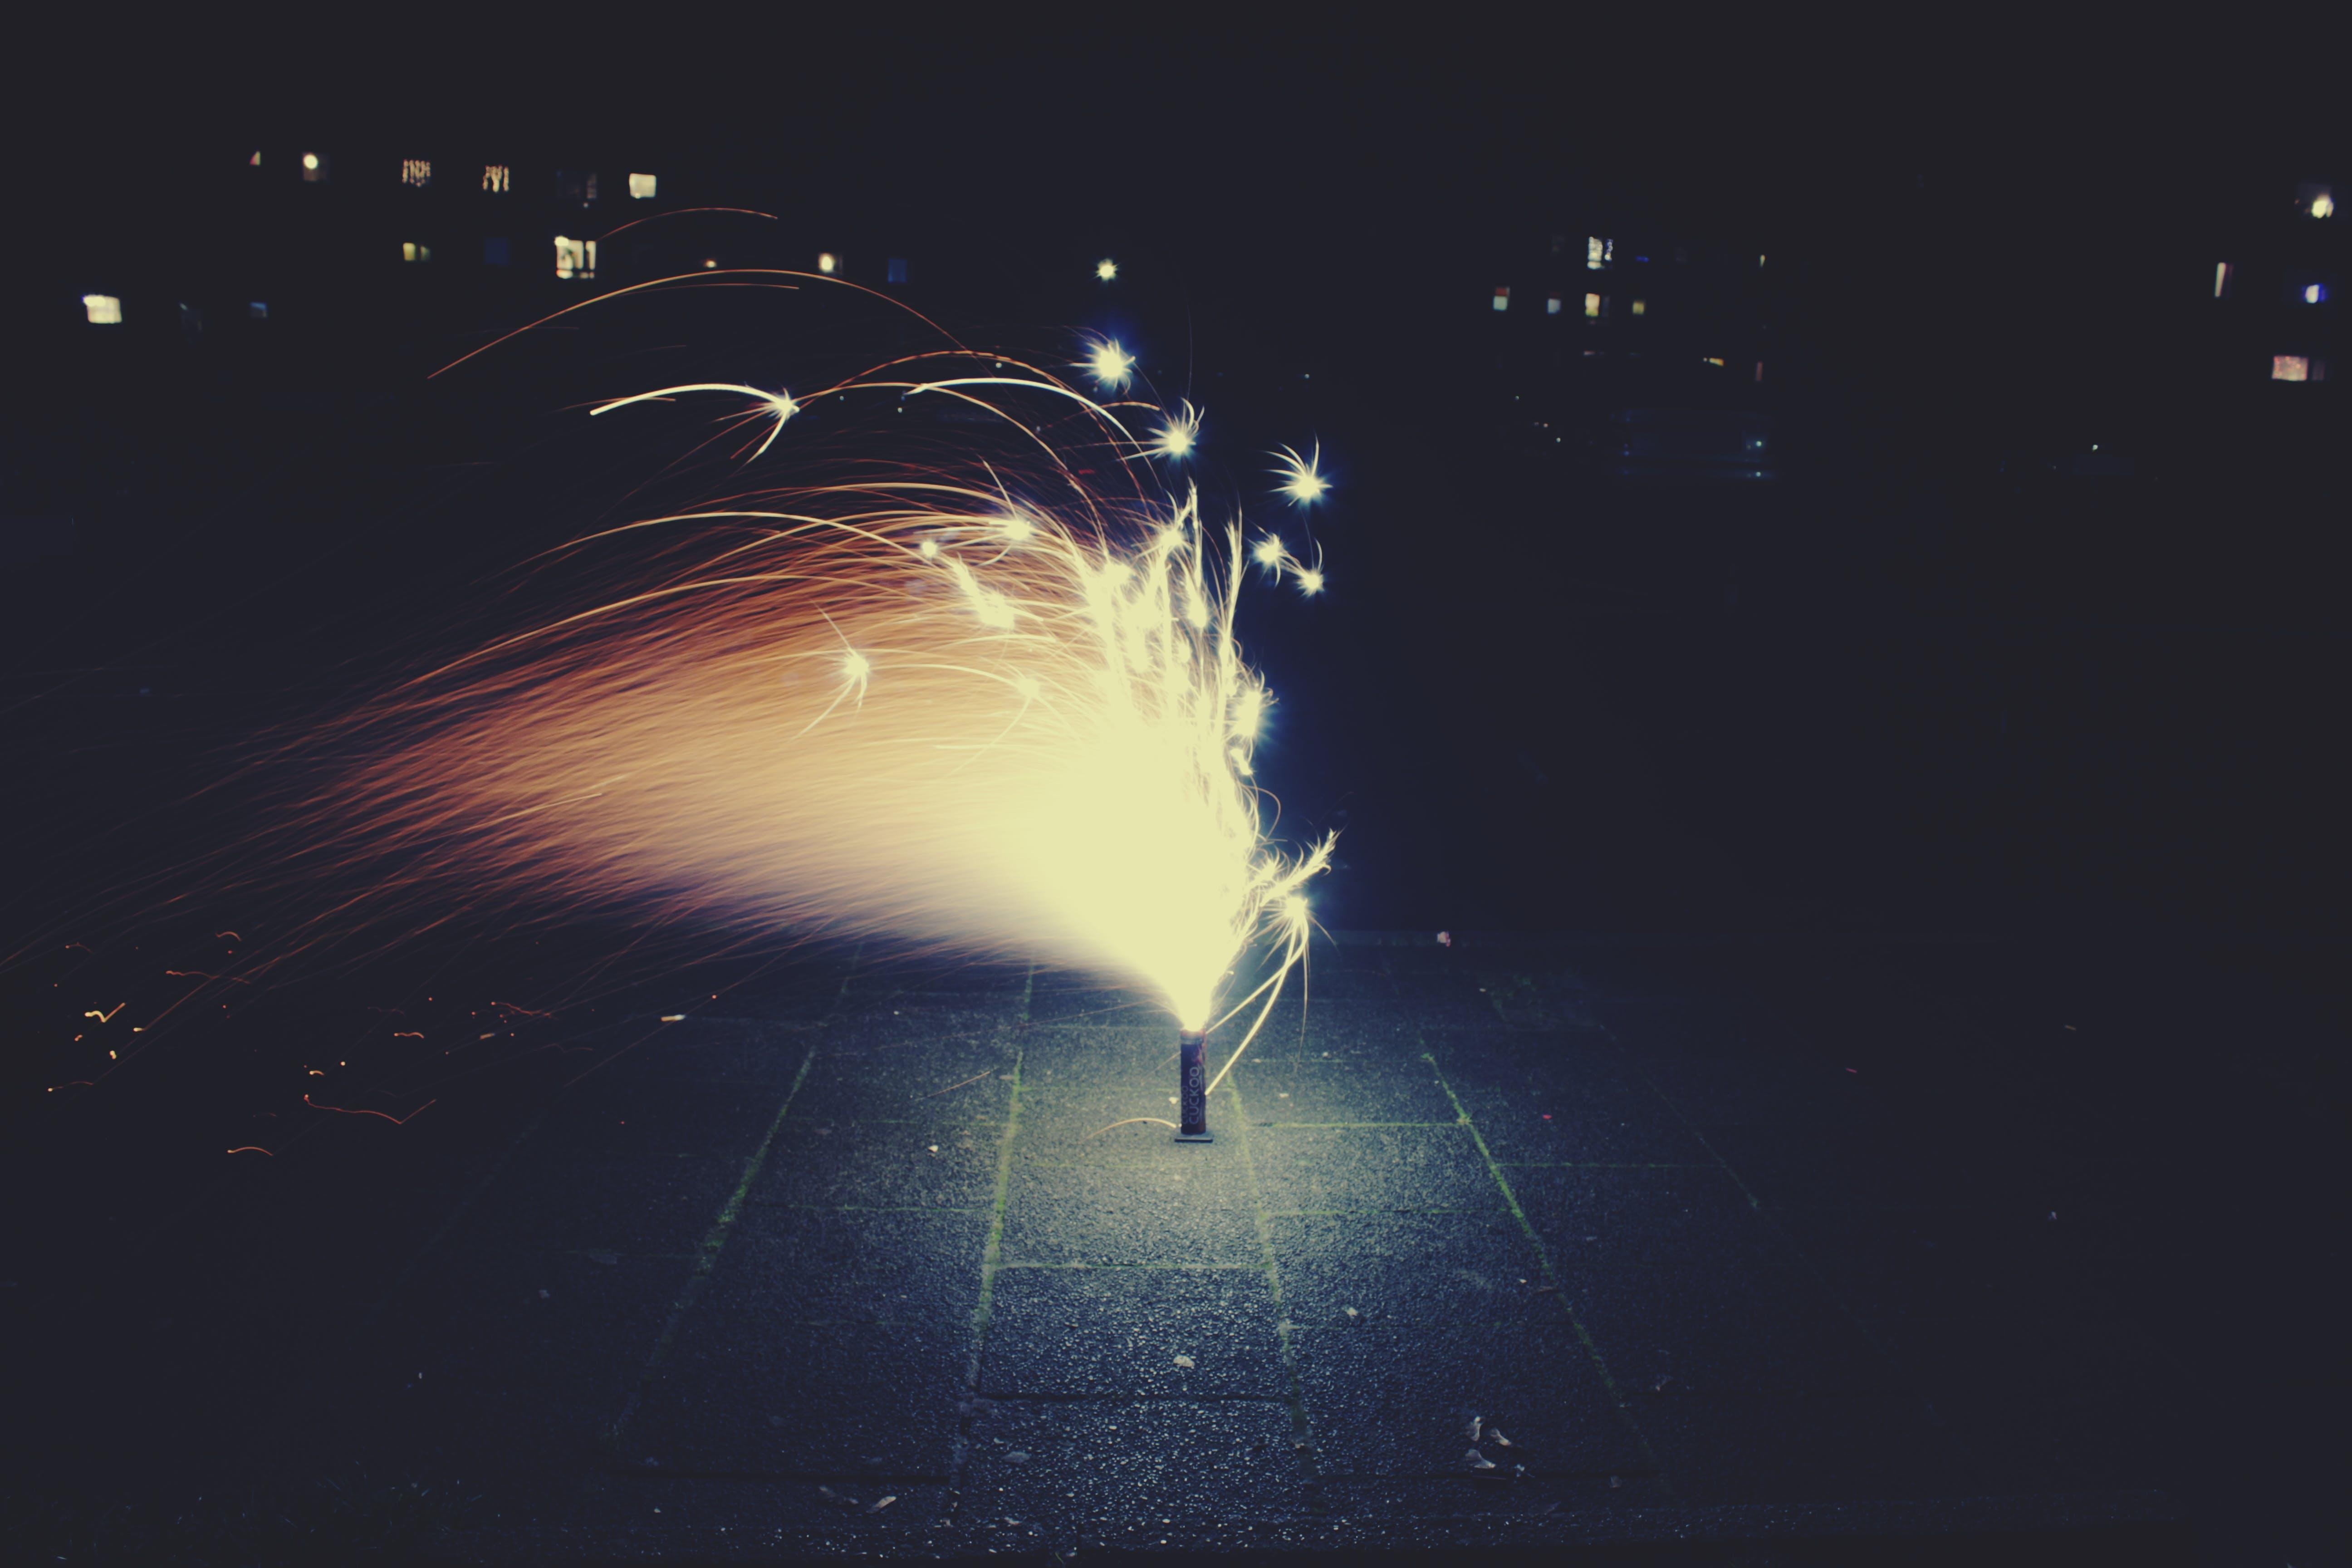 beleuchtung, feuerwerk, lichter